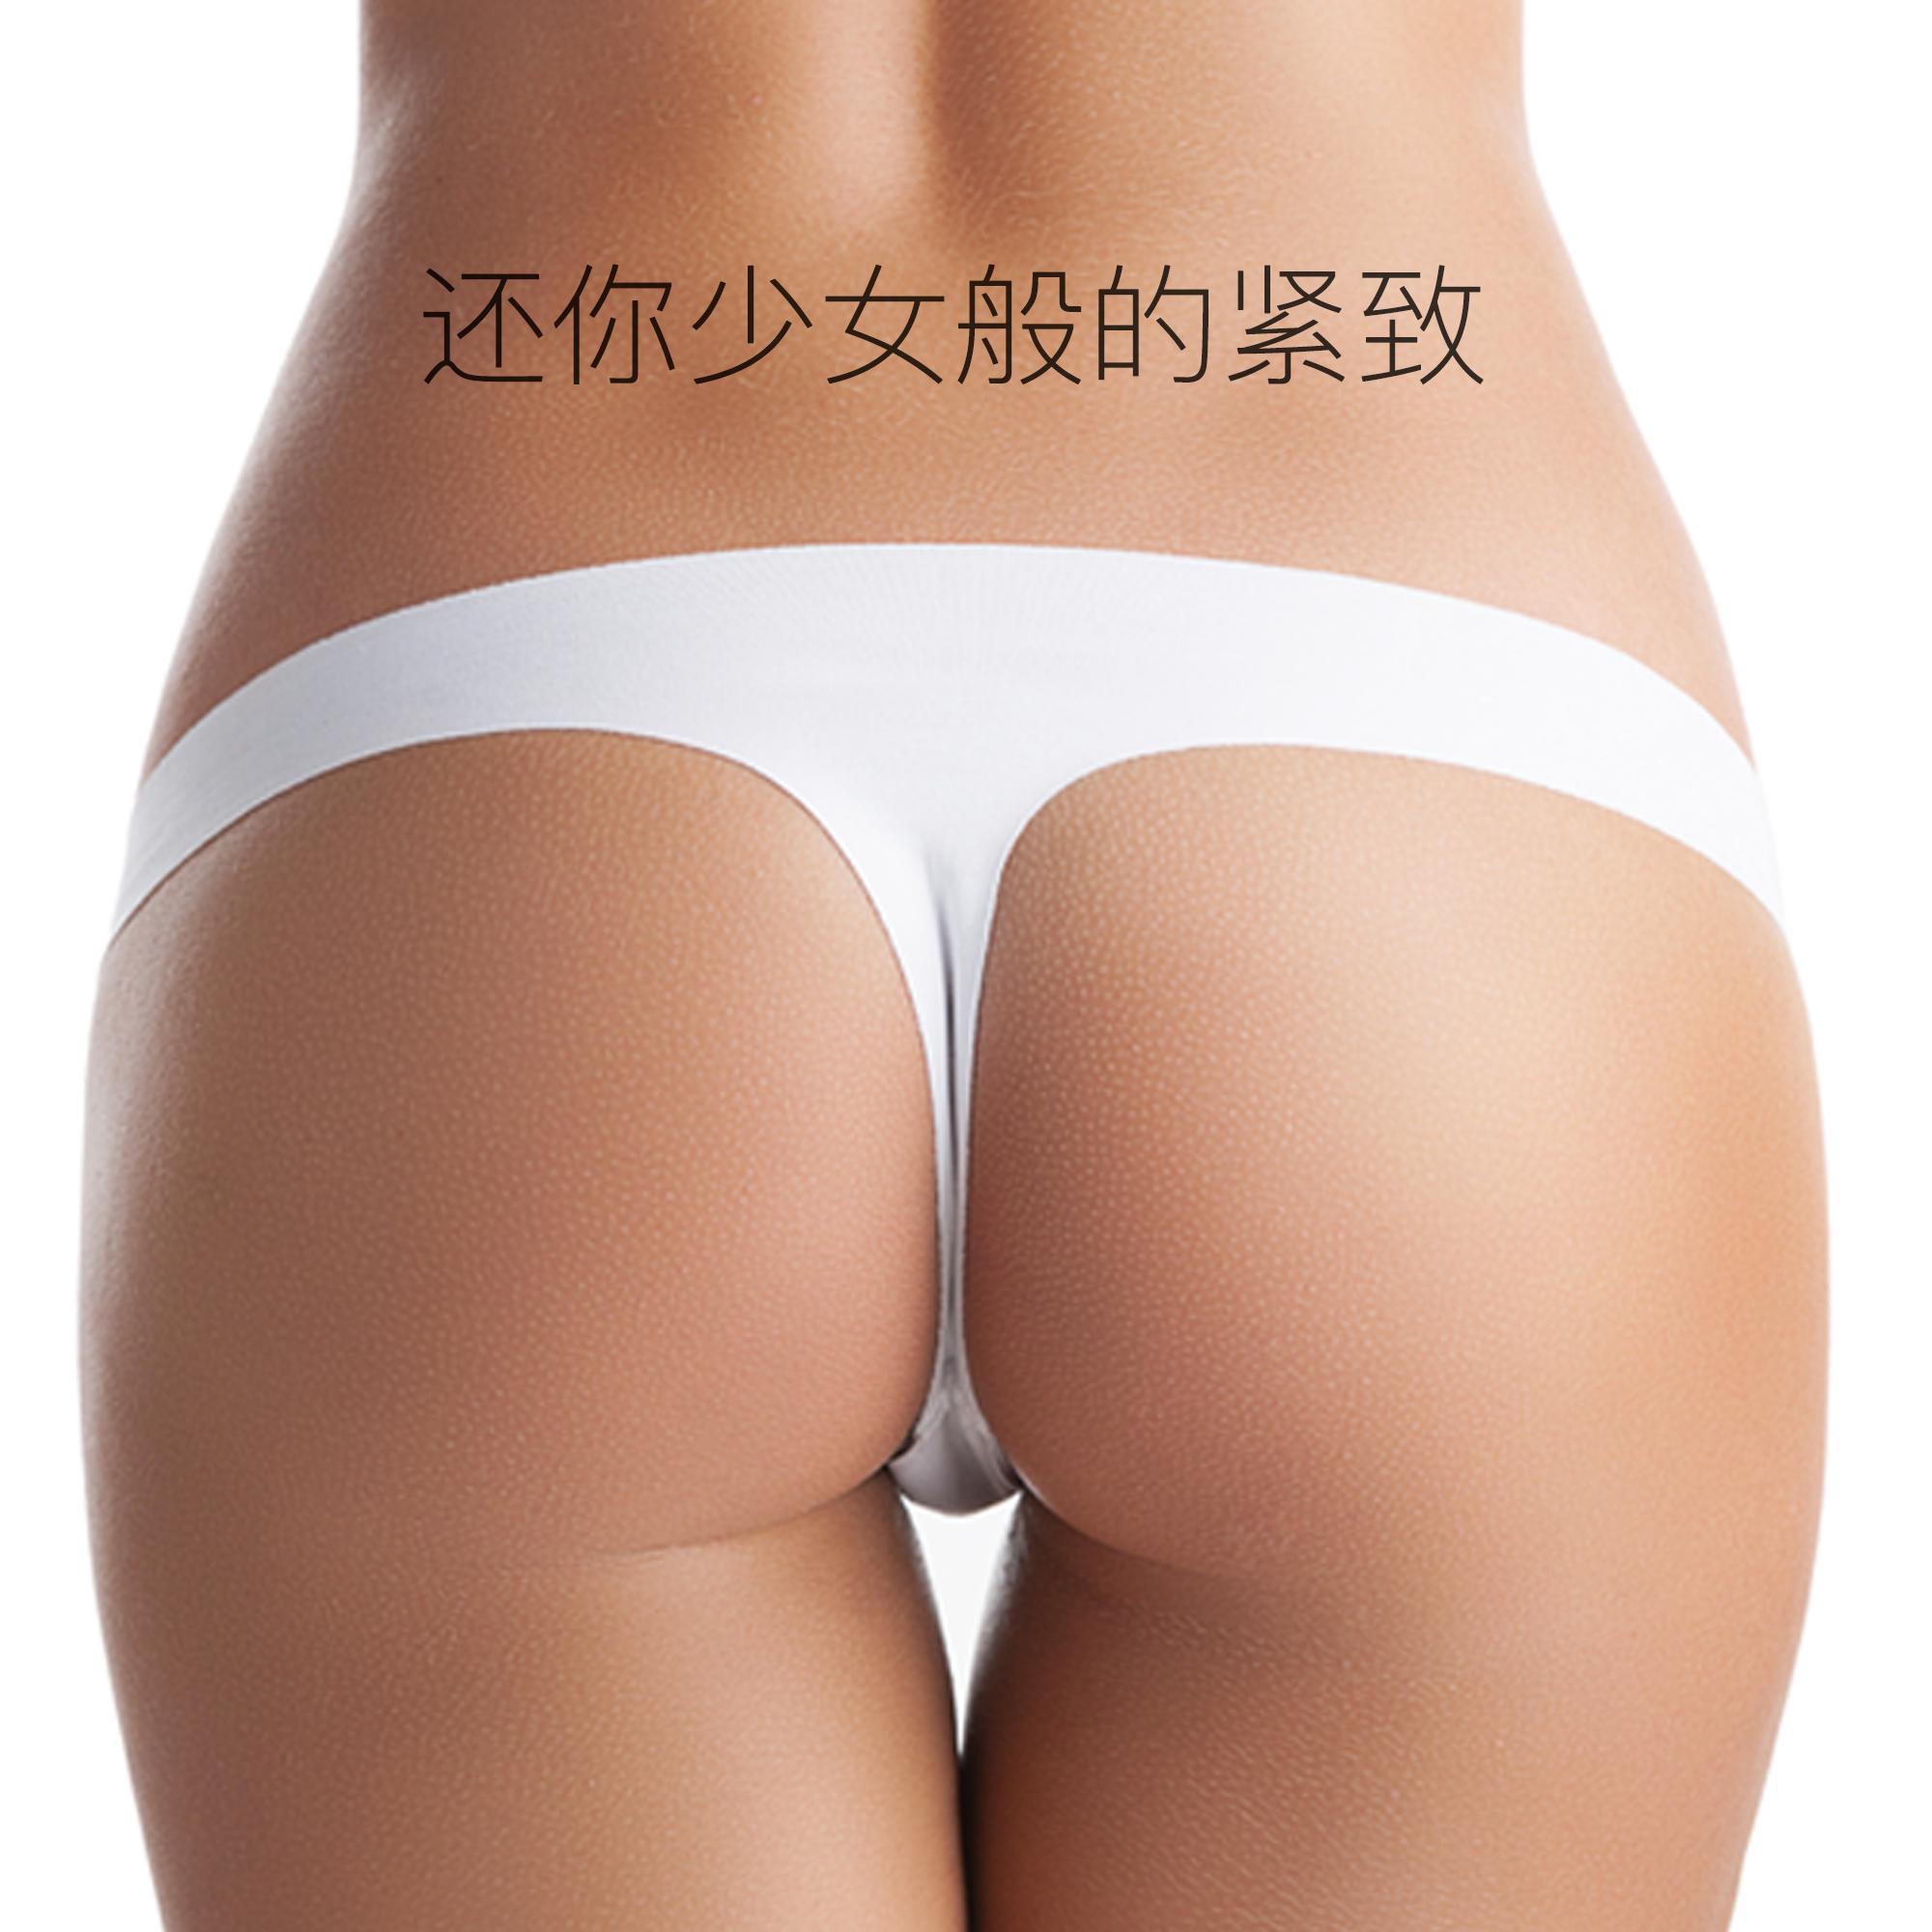 「 JEP© 陈见玉蛋功 」商标专利线上教程礼包 商品图2